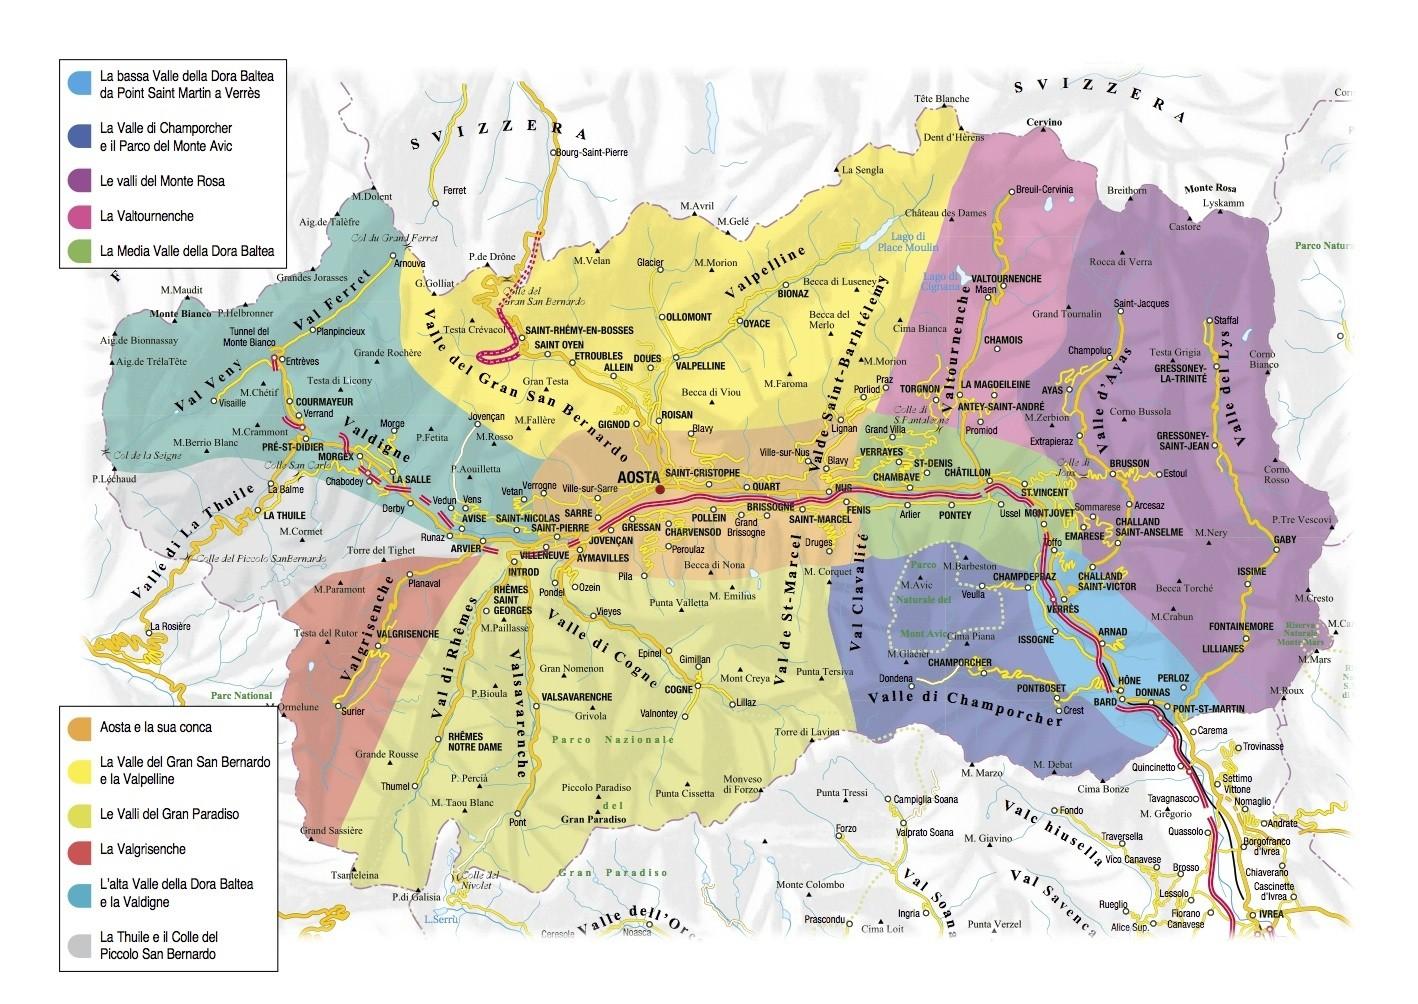 Cartina Stradale Valle D Aosta.La Cucina Della Valle D Aosta Non E Mezza Francese E Mezza Piemontese E Tutta Valdostana Martino Ragusa Il Blog